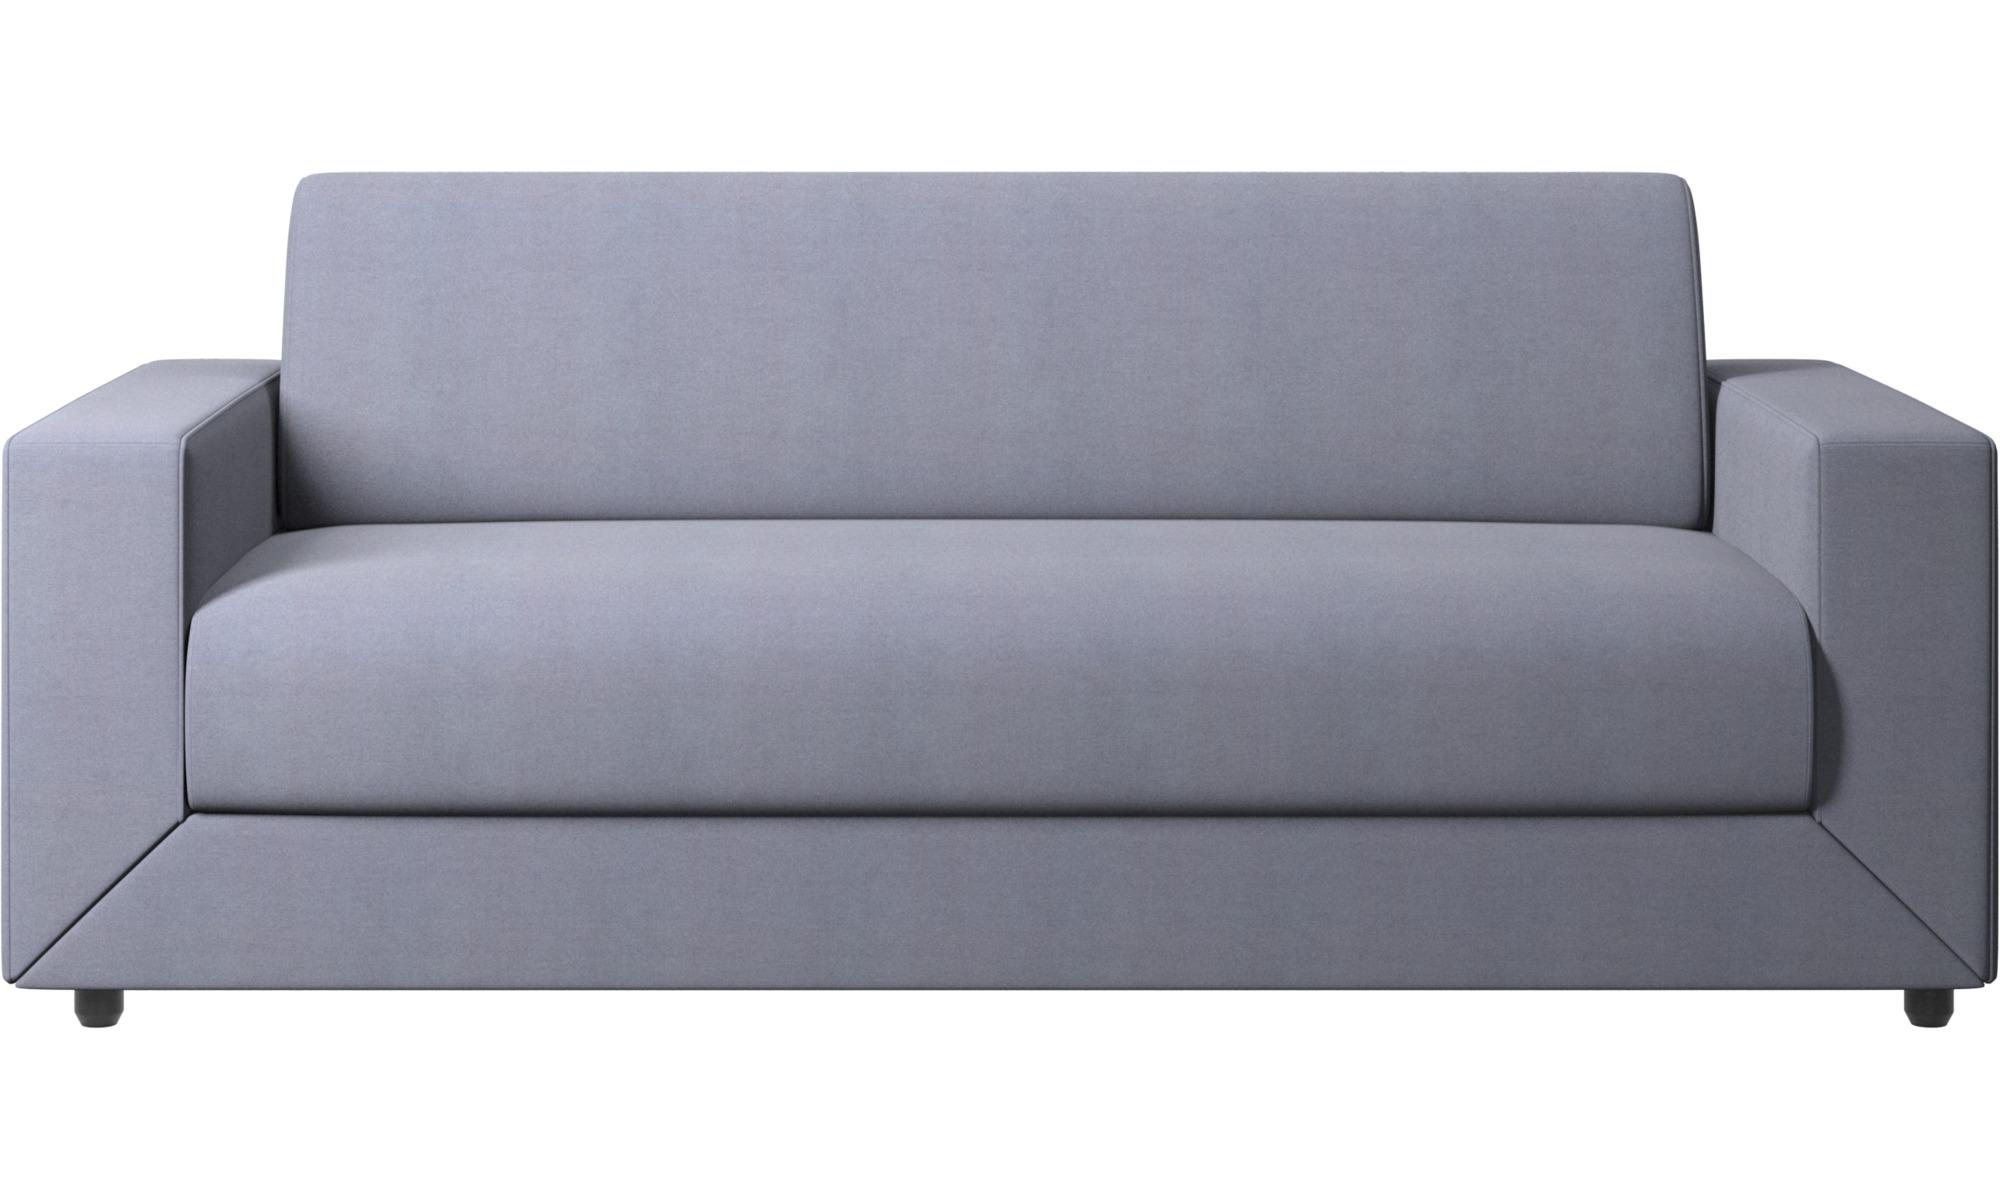 Sofy rozkładane - Sofa Stockholm z funkcją spania - Niebieski - Tkanina